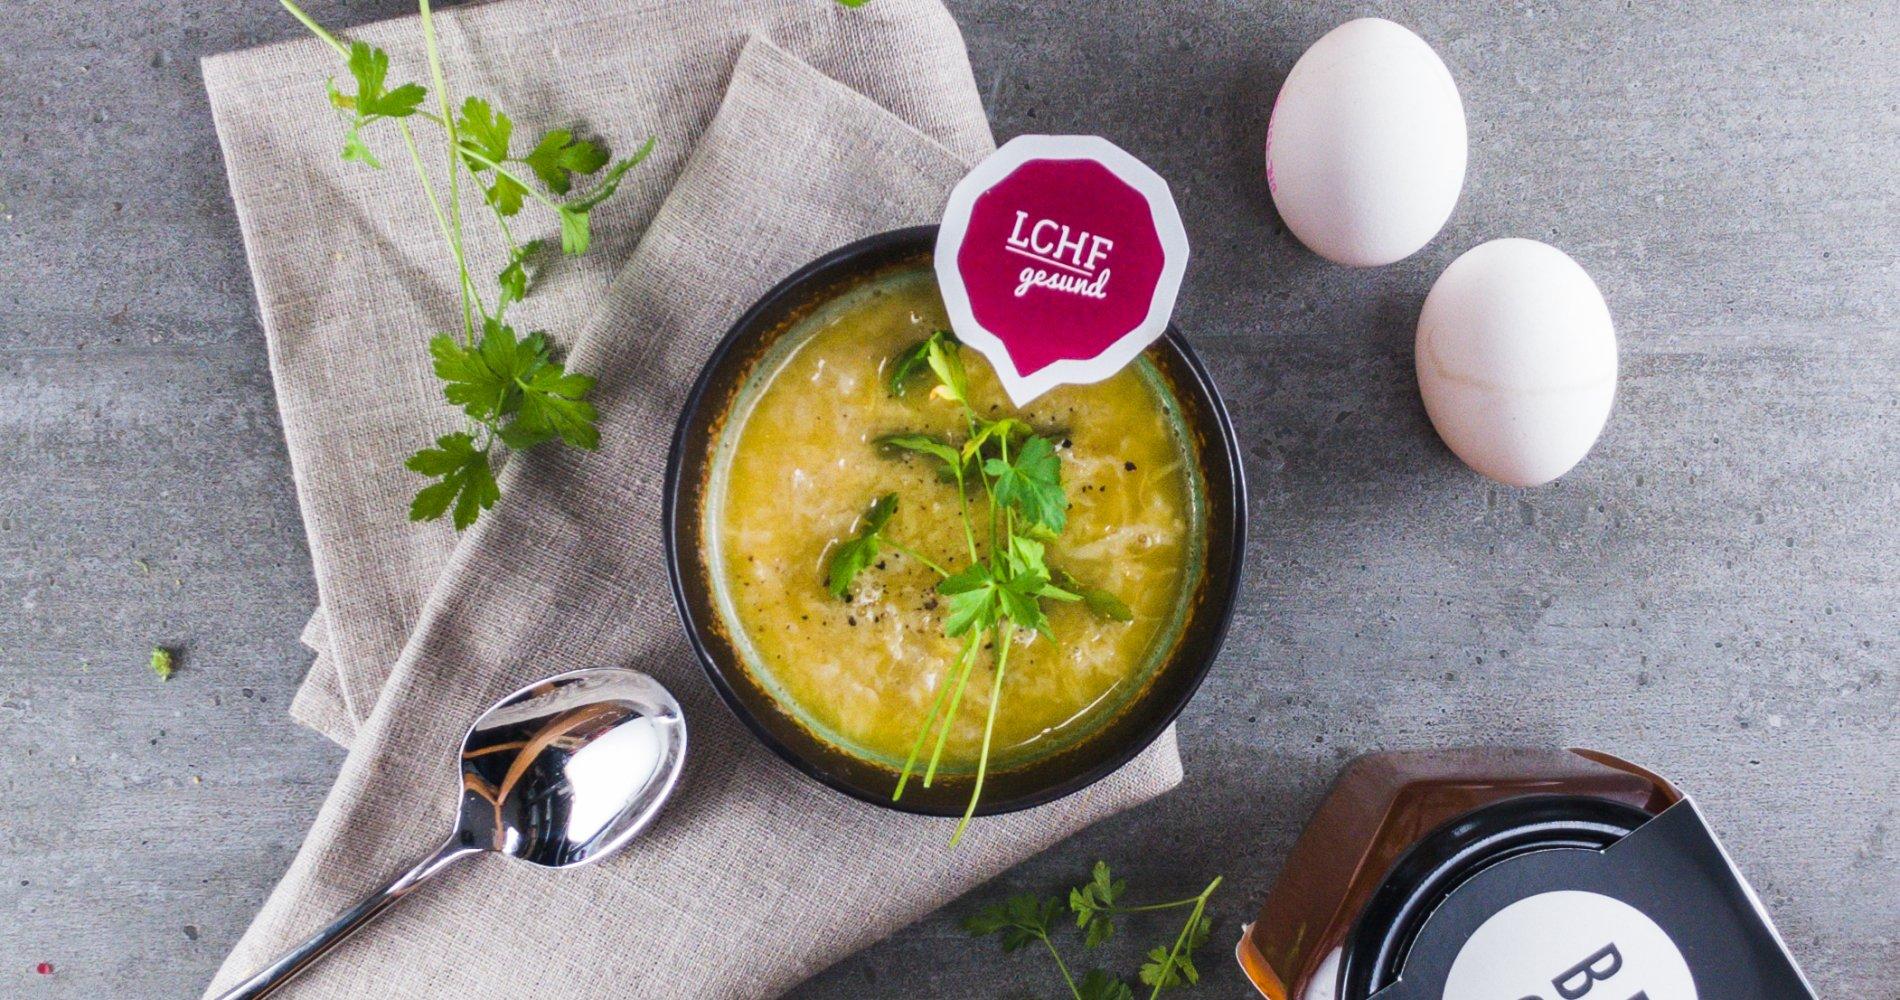 Rezept Low Carb: Rinderknochenbrühe mit Ei - LCHF-gesund.de